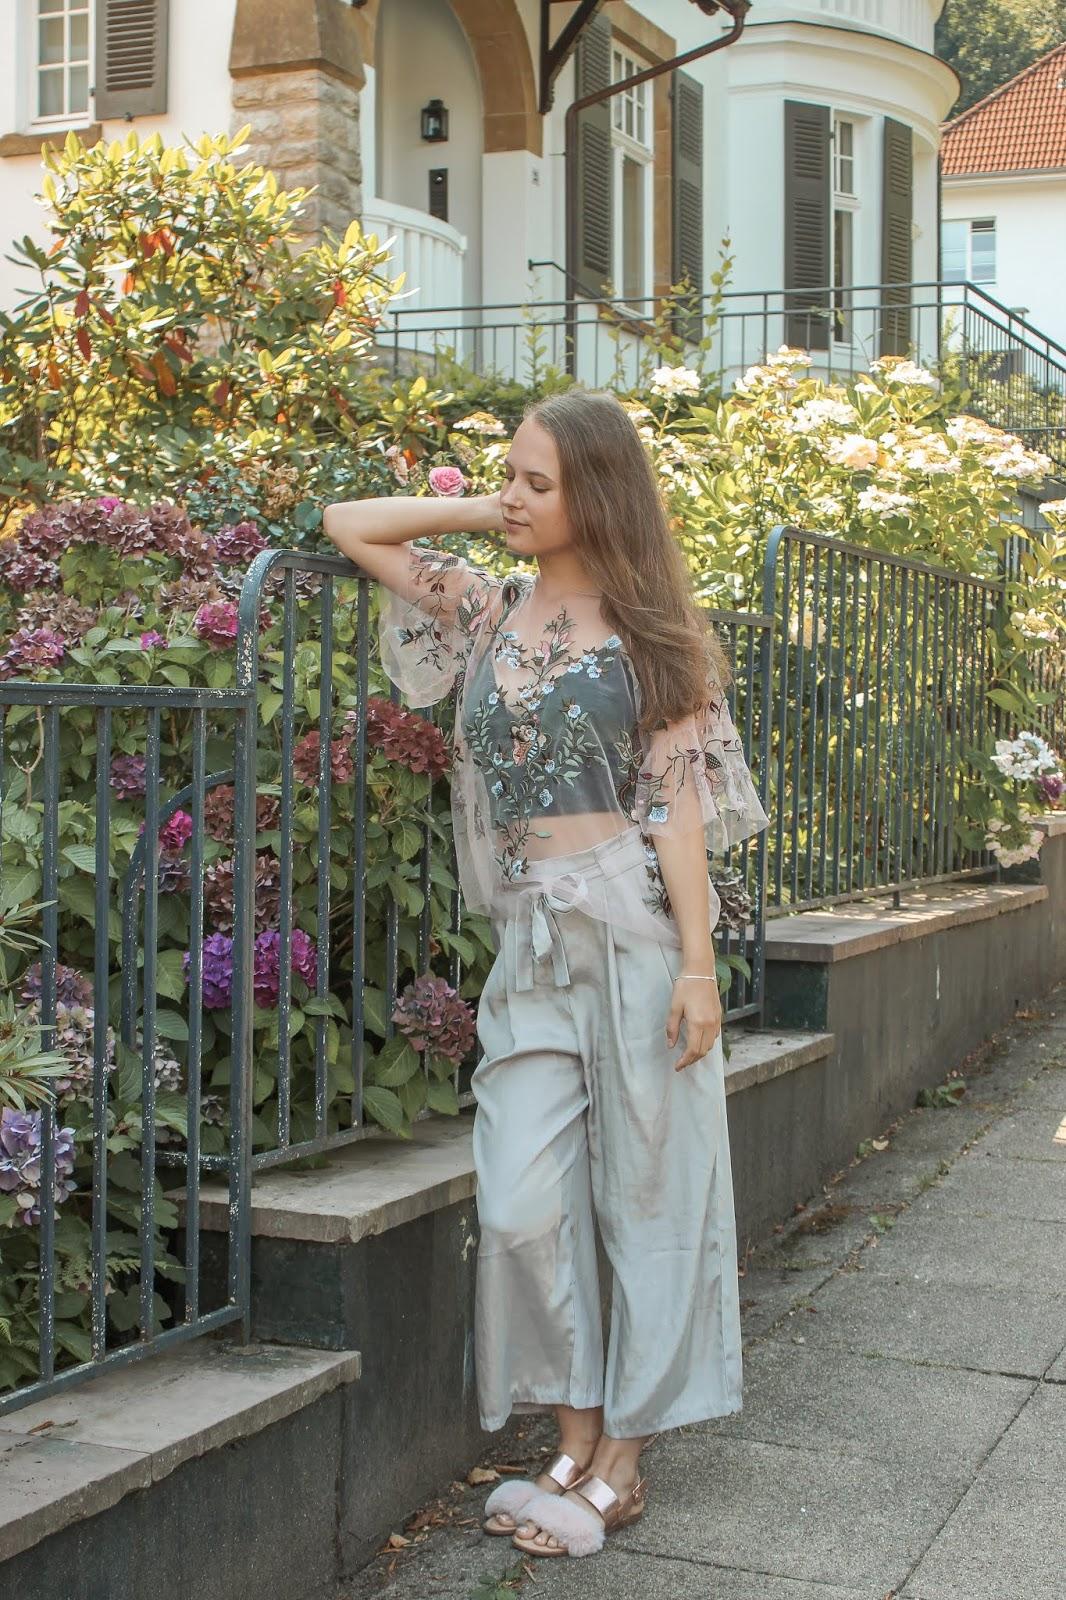 Fairytale Vibes // Life Update